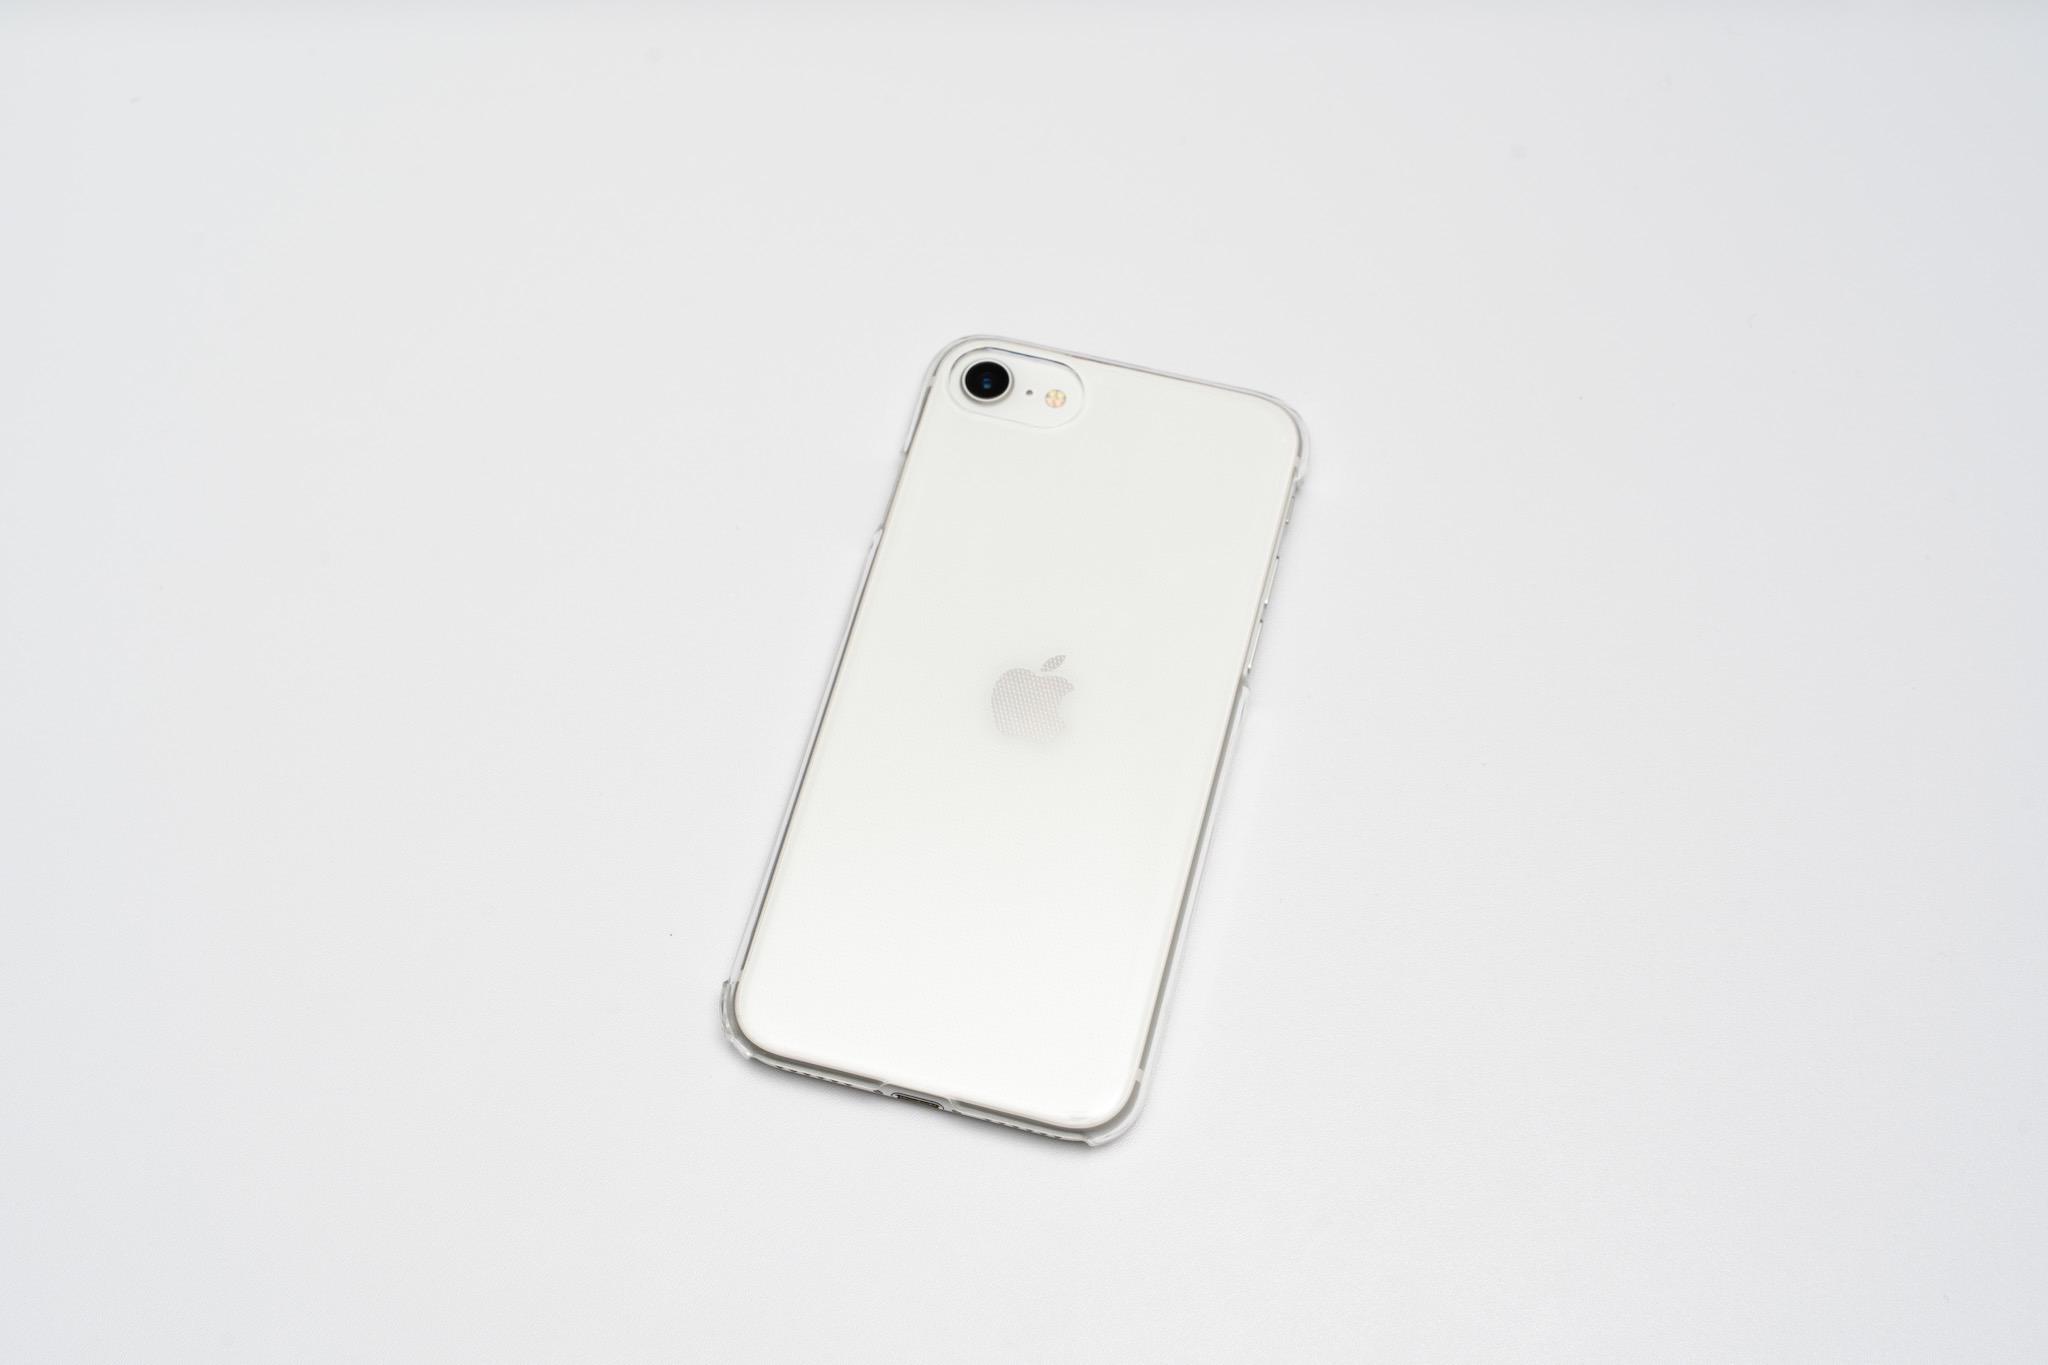 ケース選びで迷ってる間の端末保護に最適。iPhoneSEで使える100均のシンプルなクリアケース